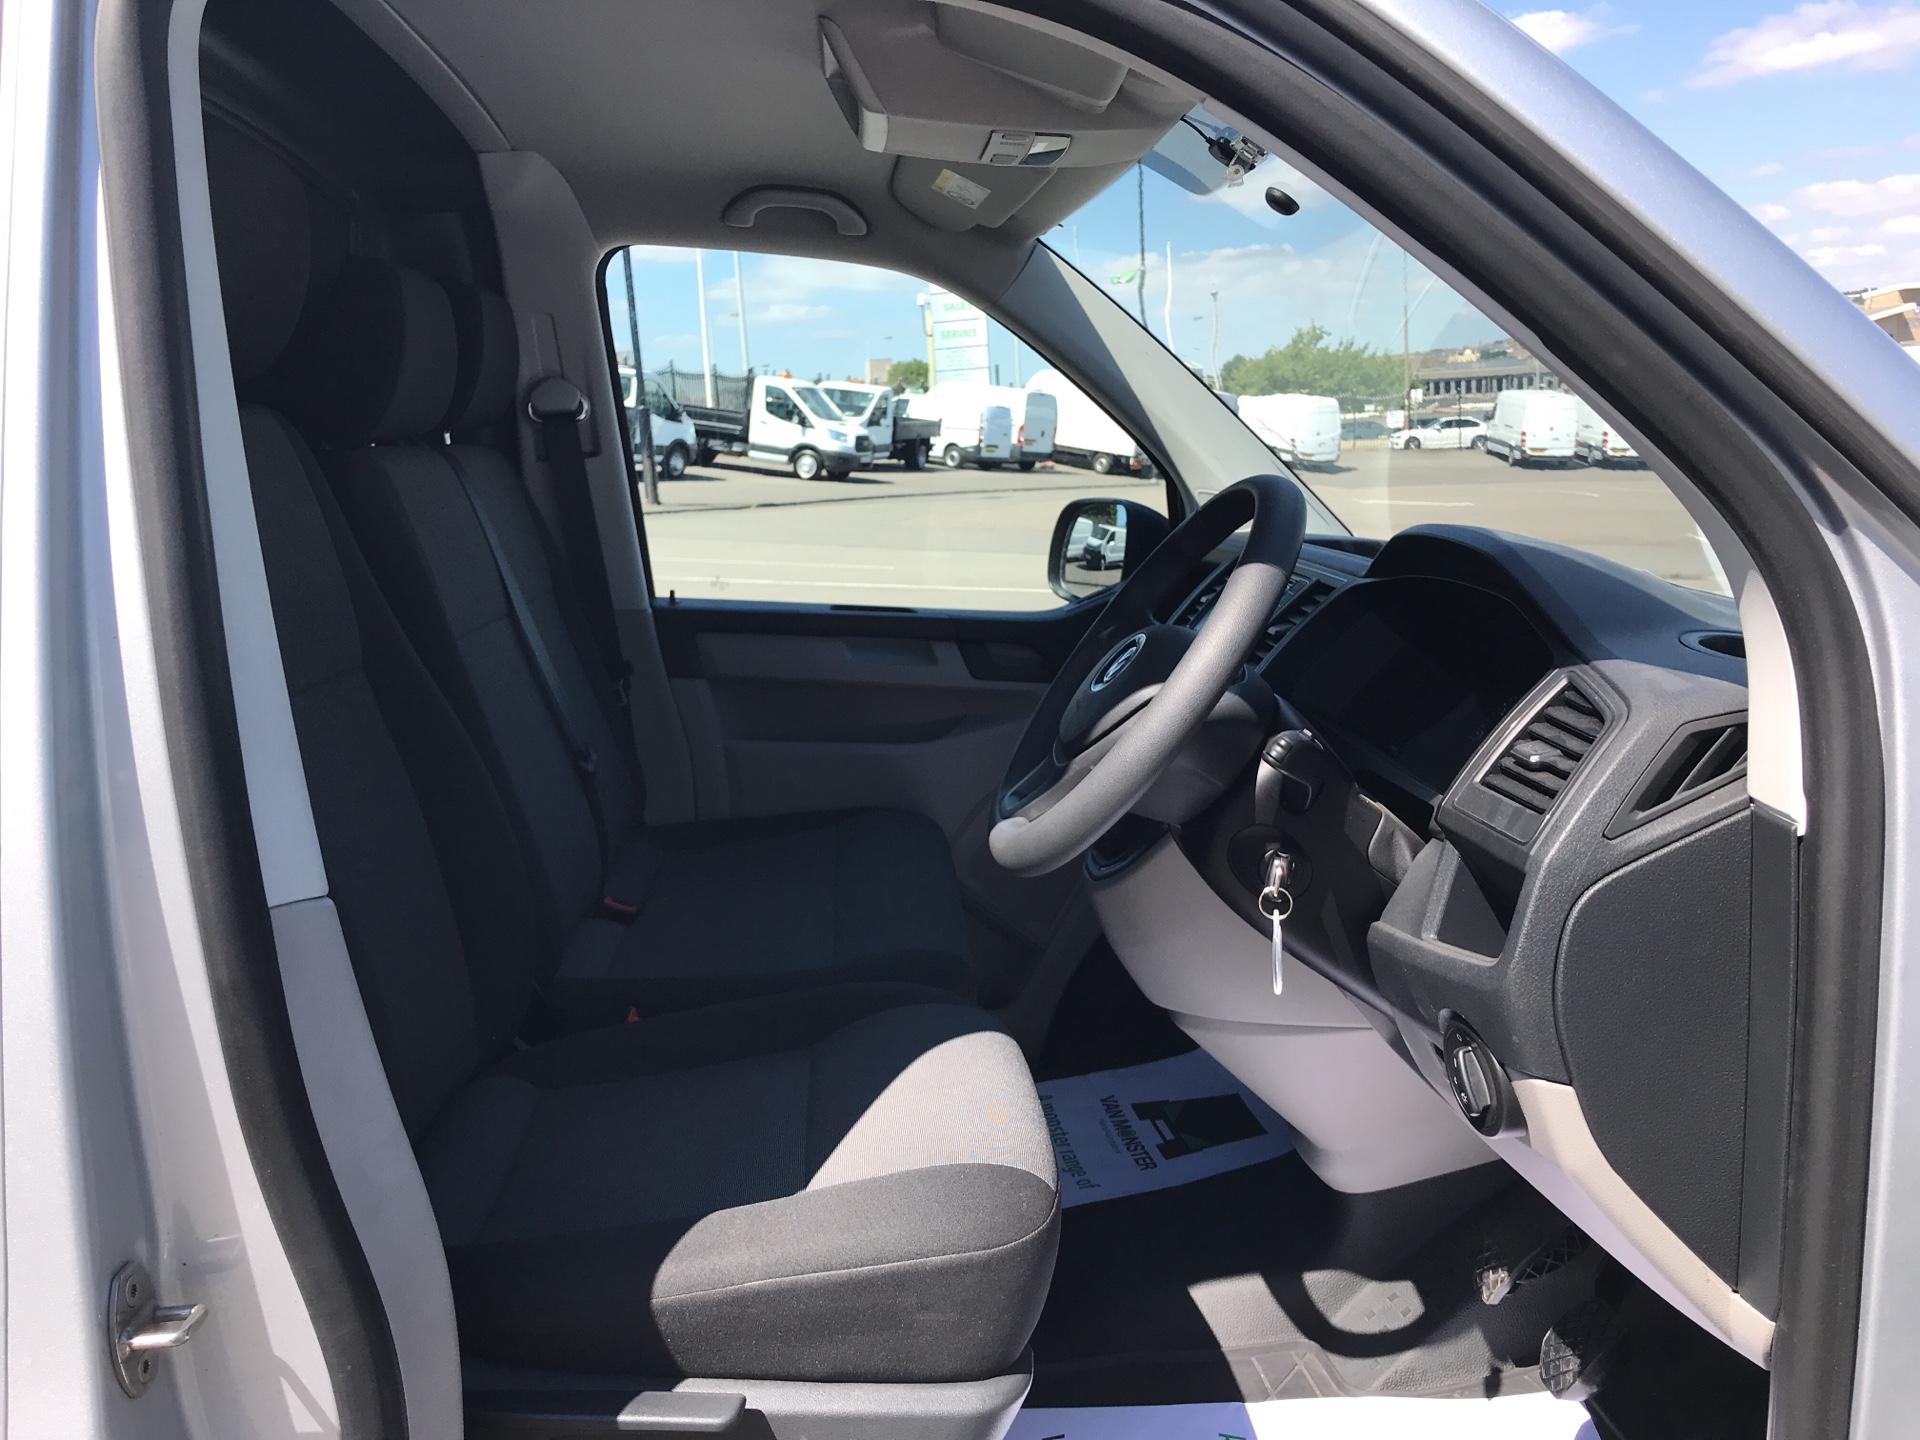 2017 Volkswagen Transporter 2.0 Tdi Bmt 102 Startline LWB Van Euro 6 (FH17VWW) Image 9